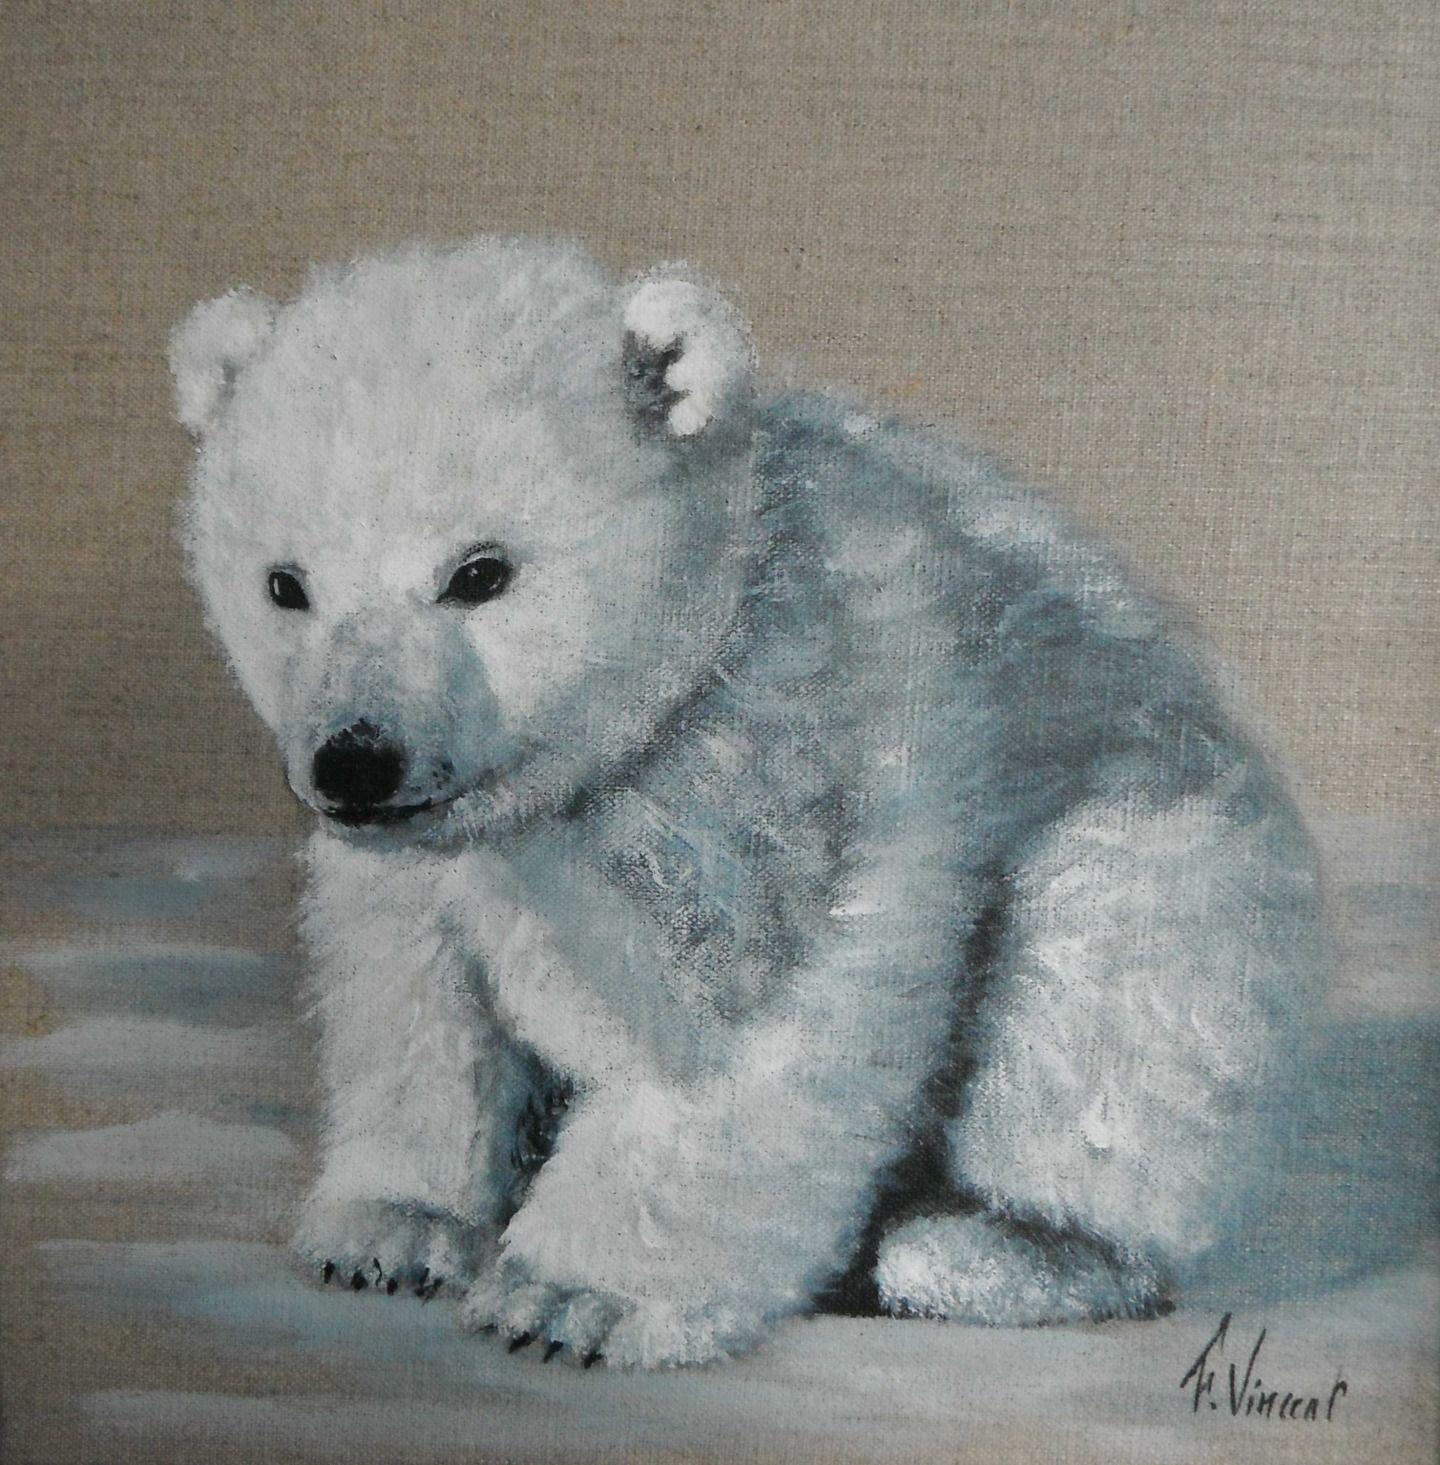 tableau acrylique sur lin d 39 un petit ours blanc peintures par galeriefaby peinture sur lin. Black Bedroom Furniture Sets. Home Design Ideas